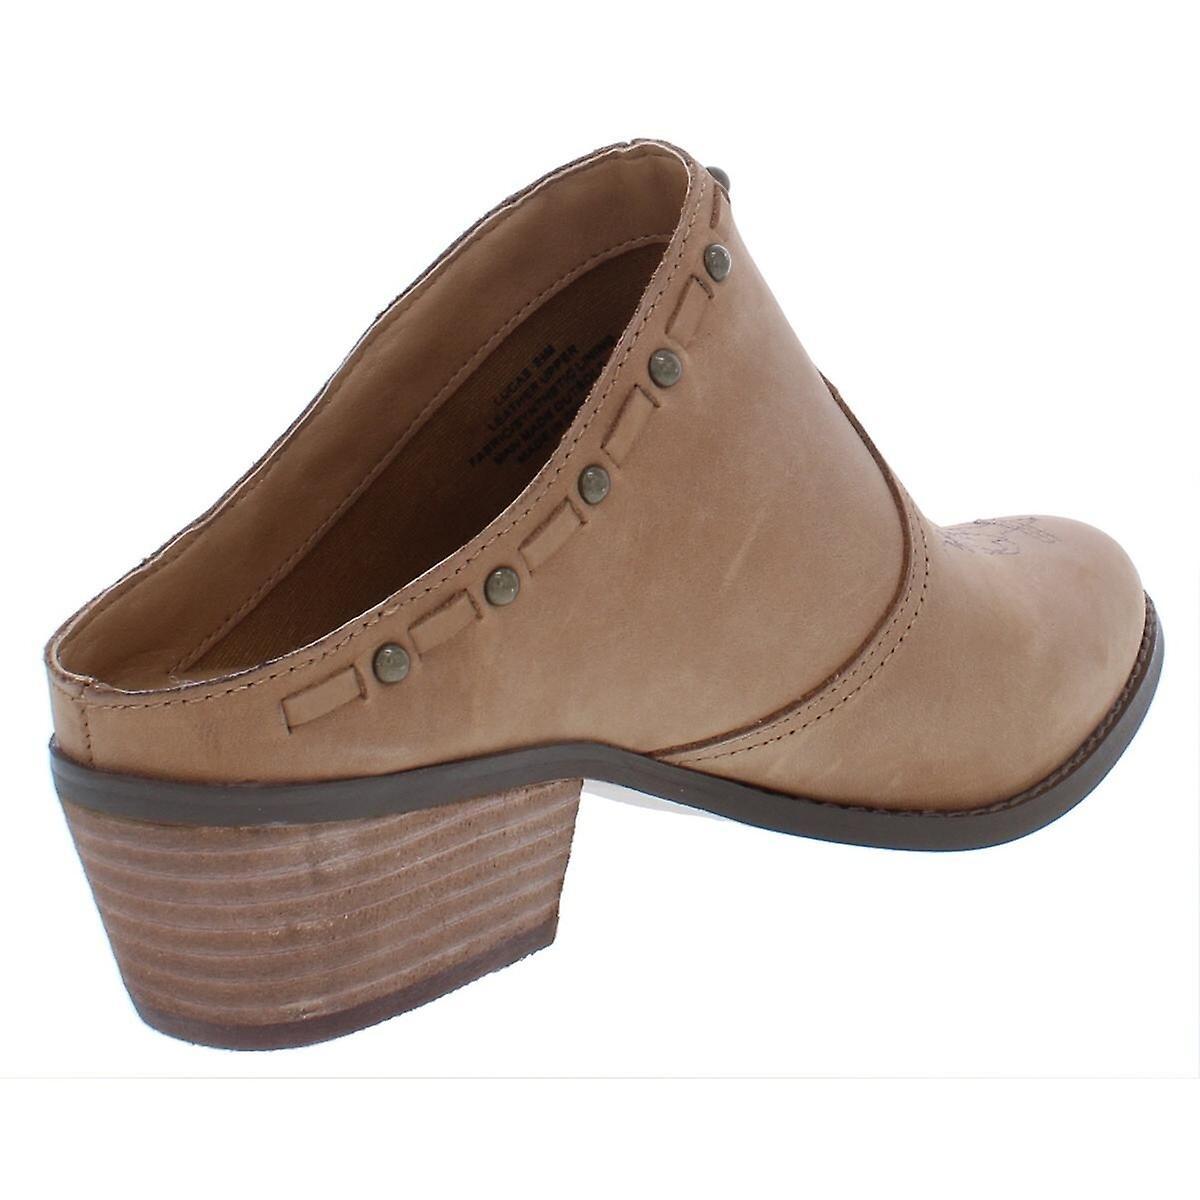 Gul boks kvinner Lucas skinn mandel tå casual Slide sandaler